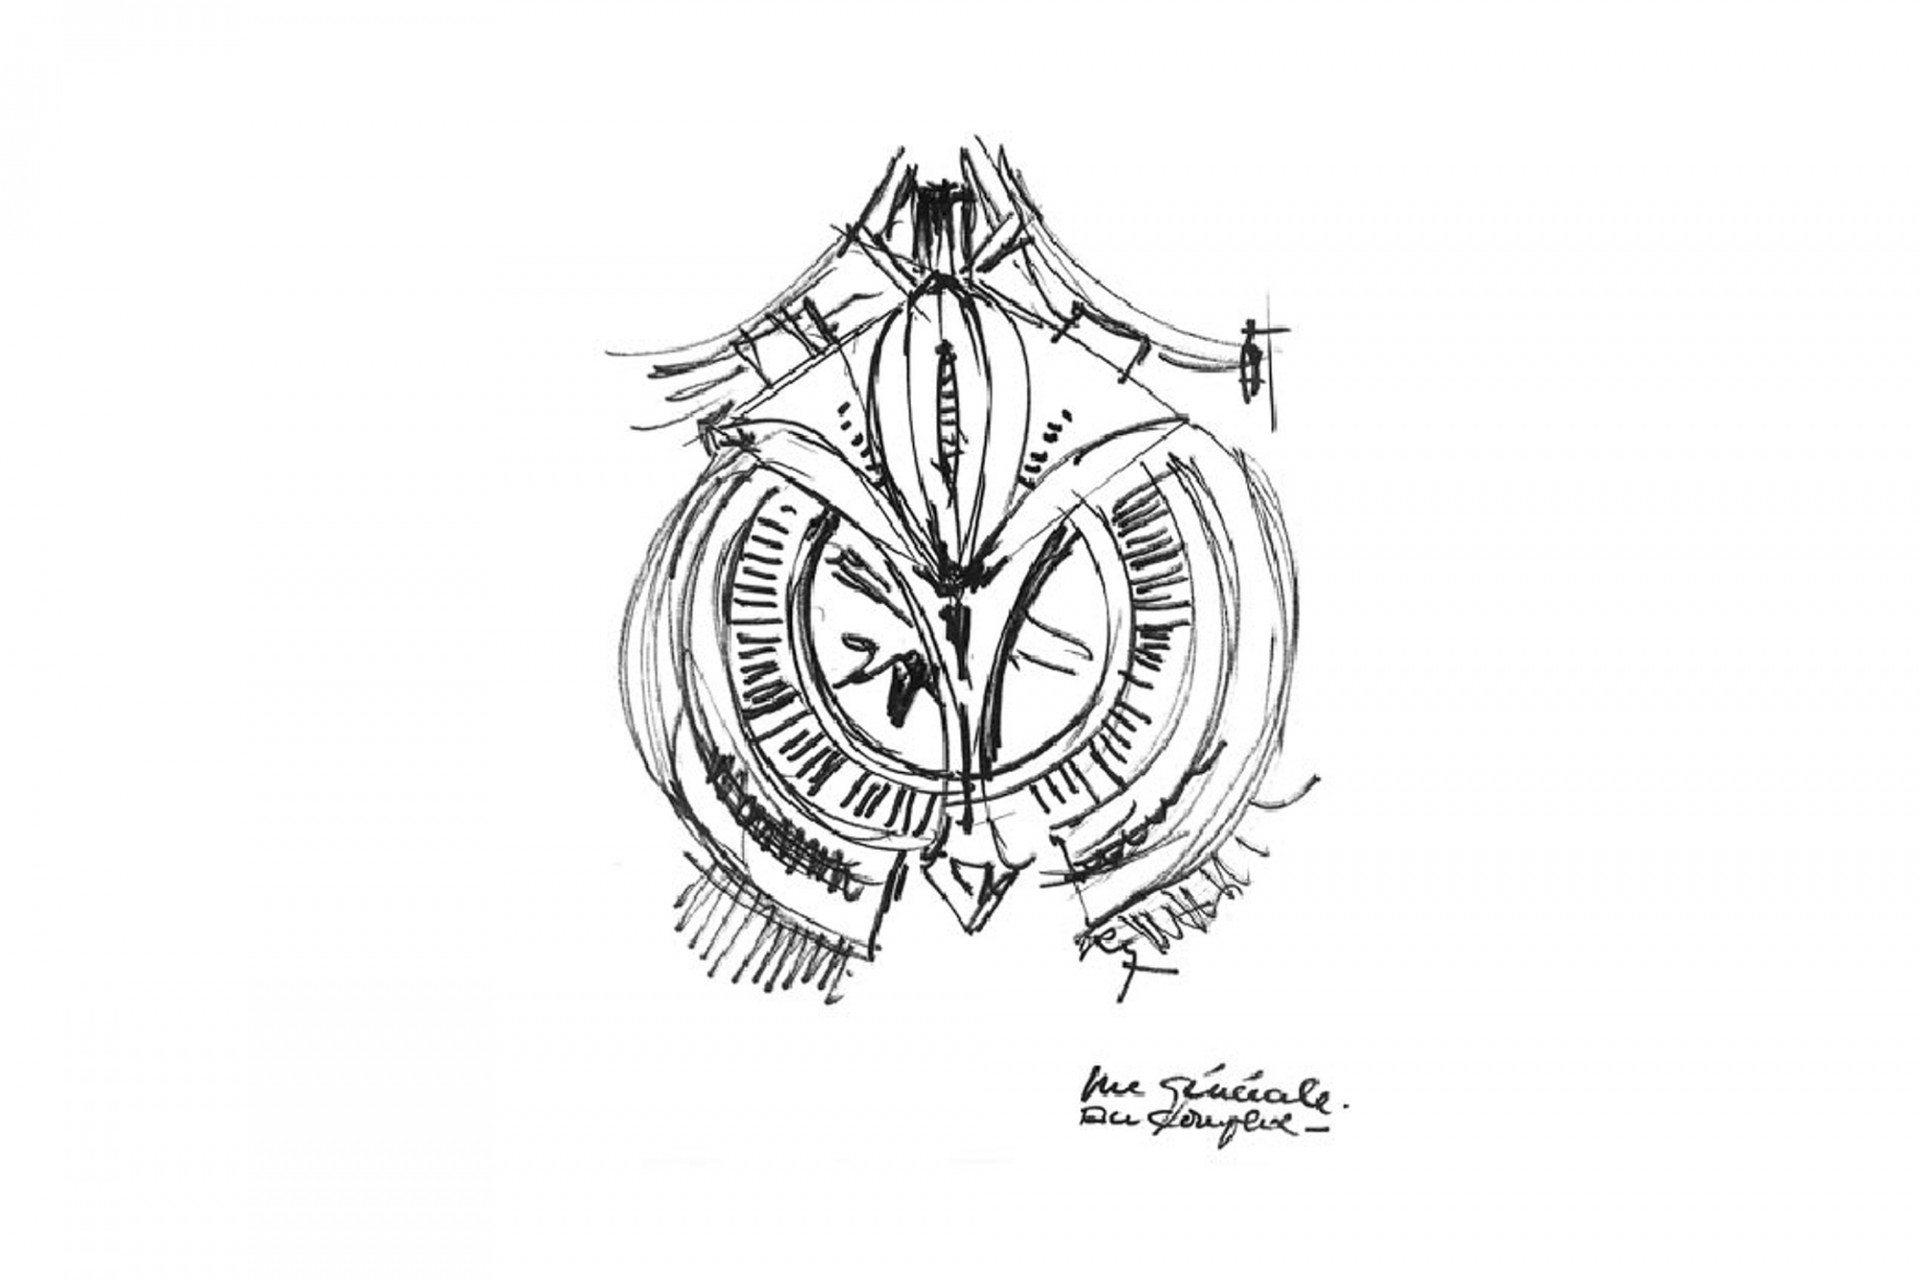 Schwungvoll.  Roger Taillibert's Skizze des Betonfalken.